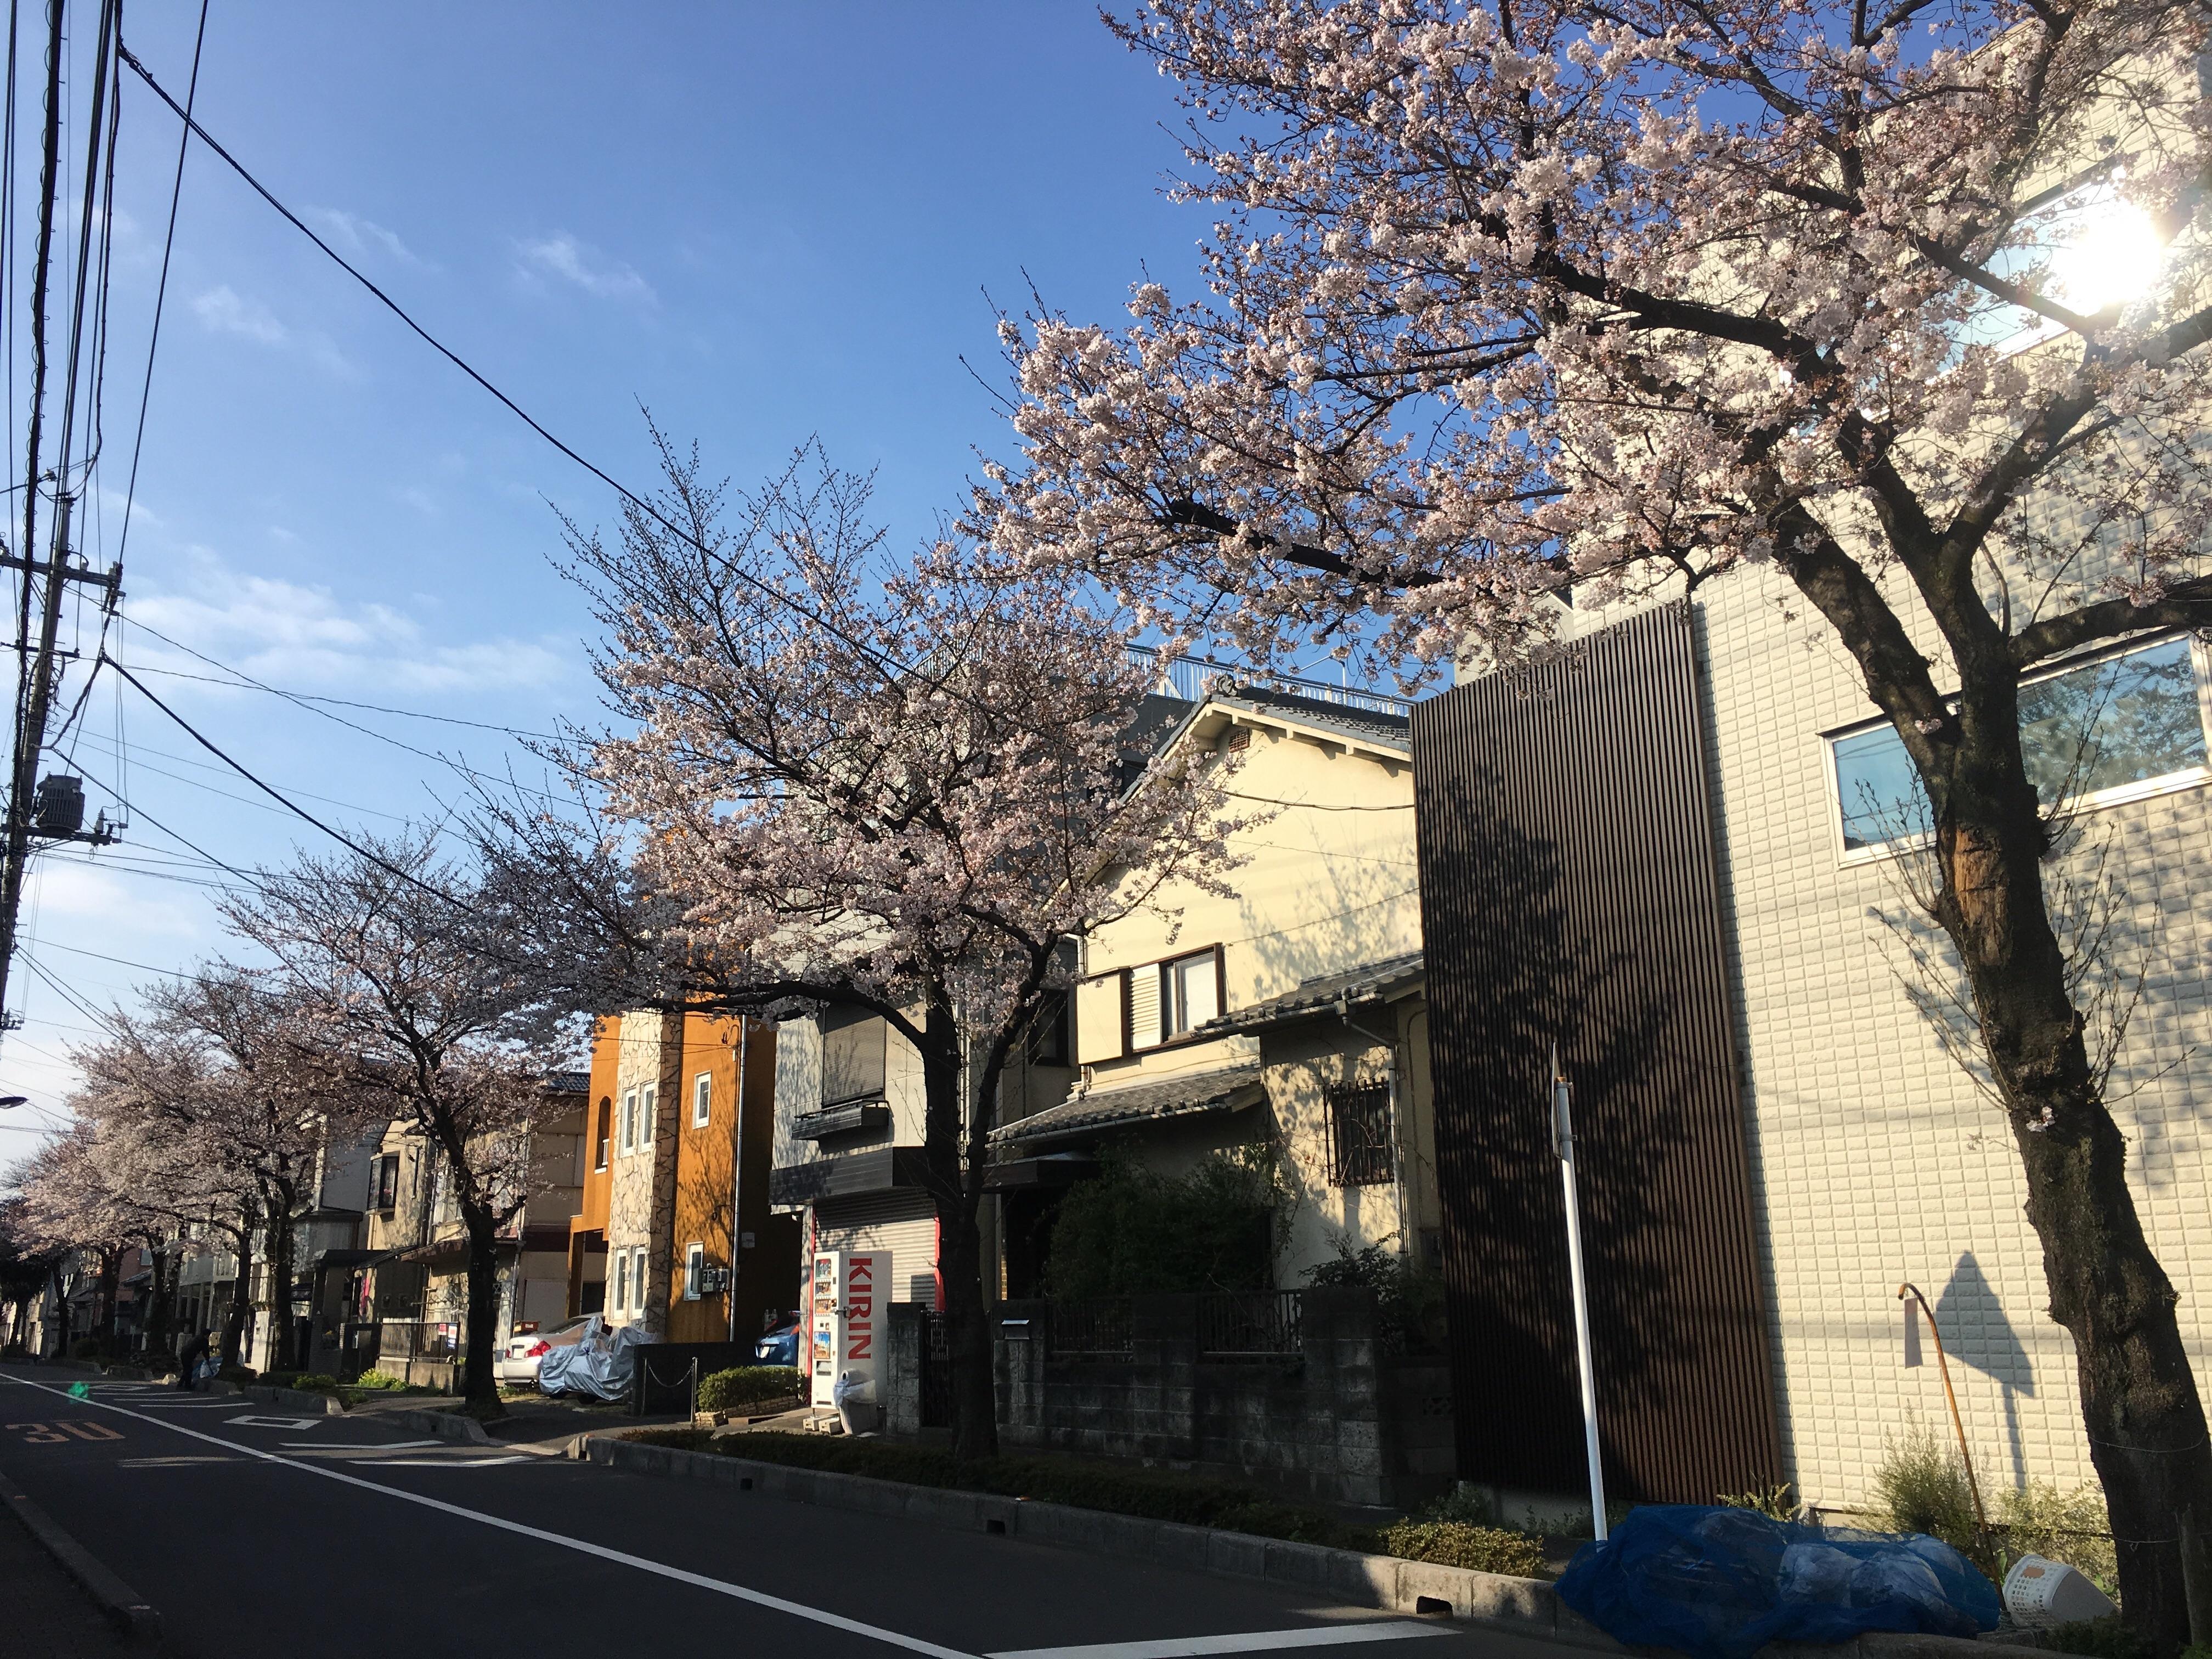 f:id:hirari-uv-taku:20170403084530j:image